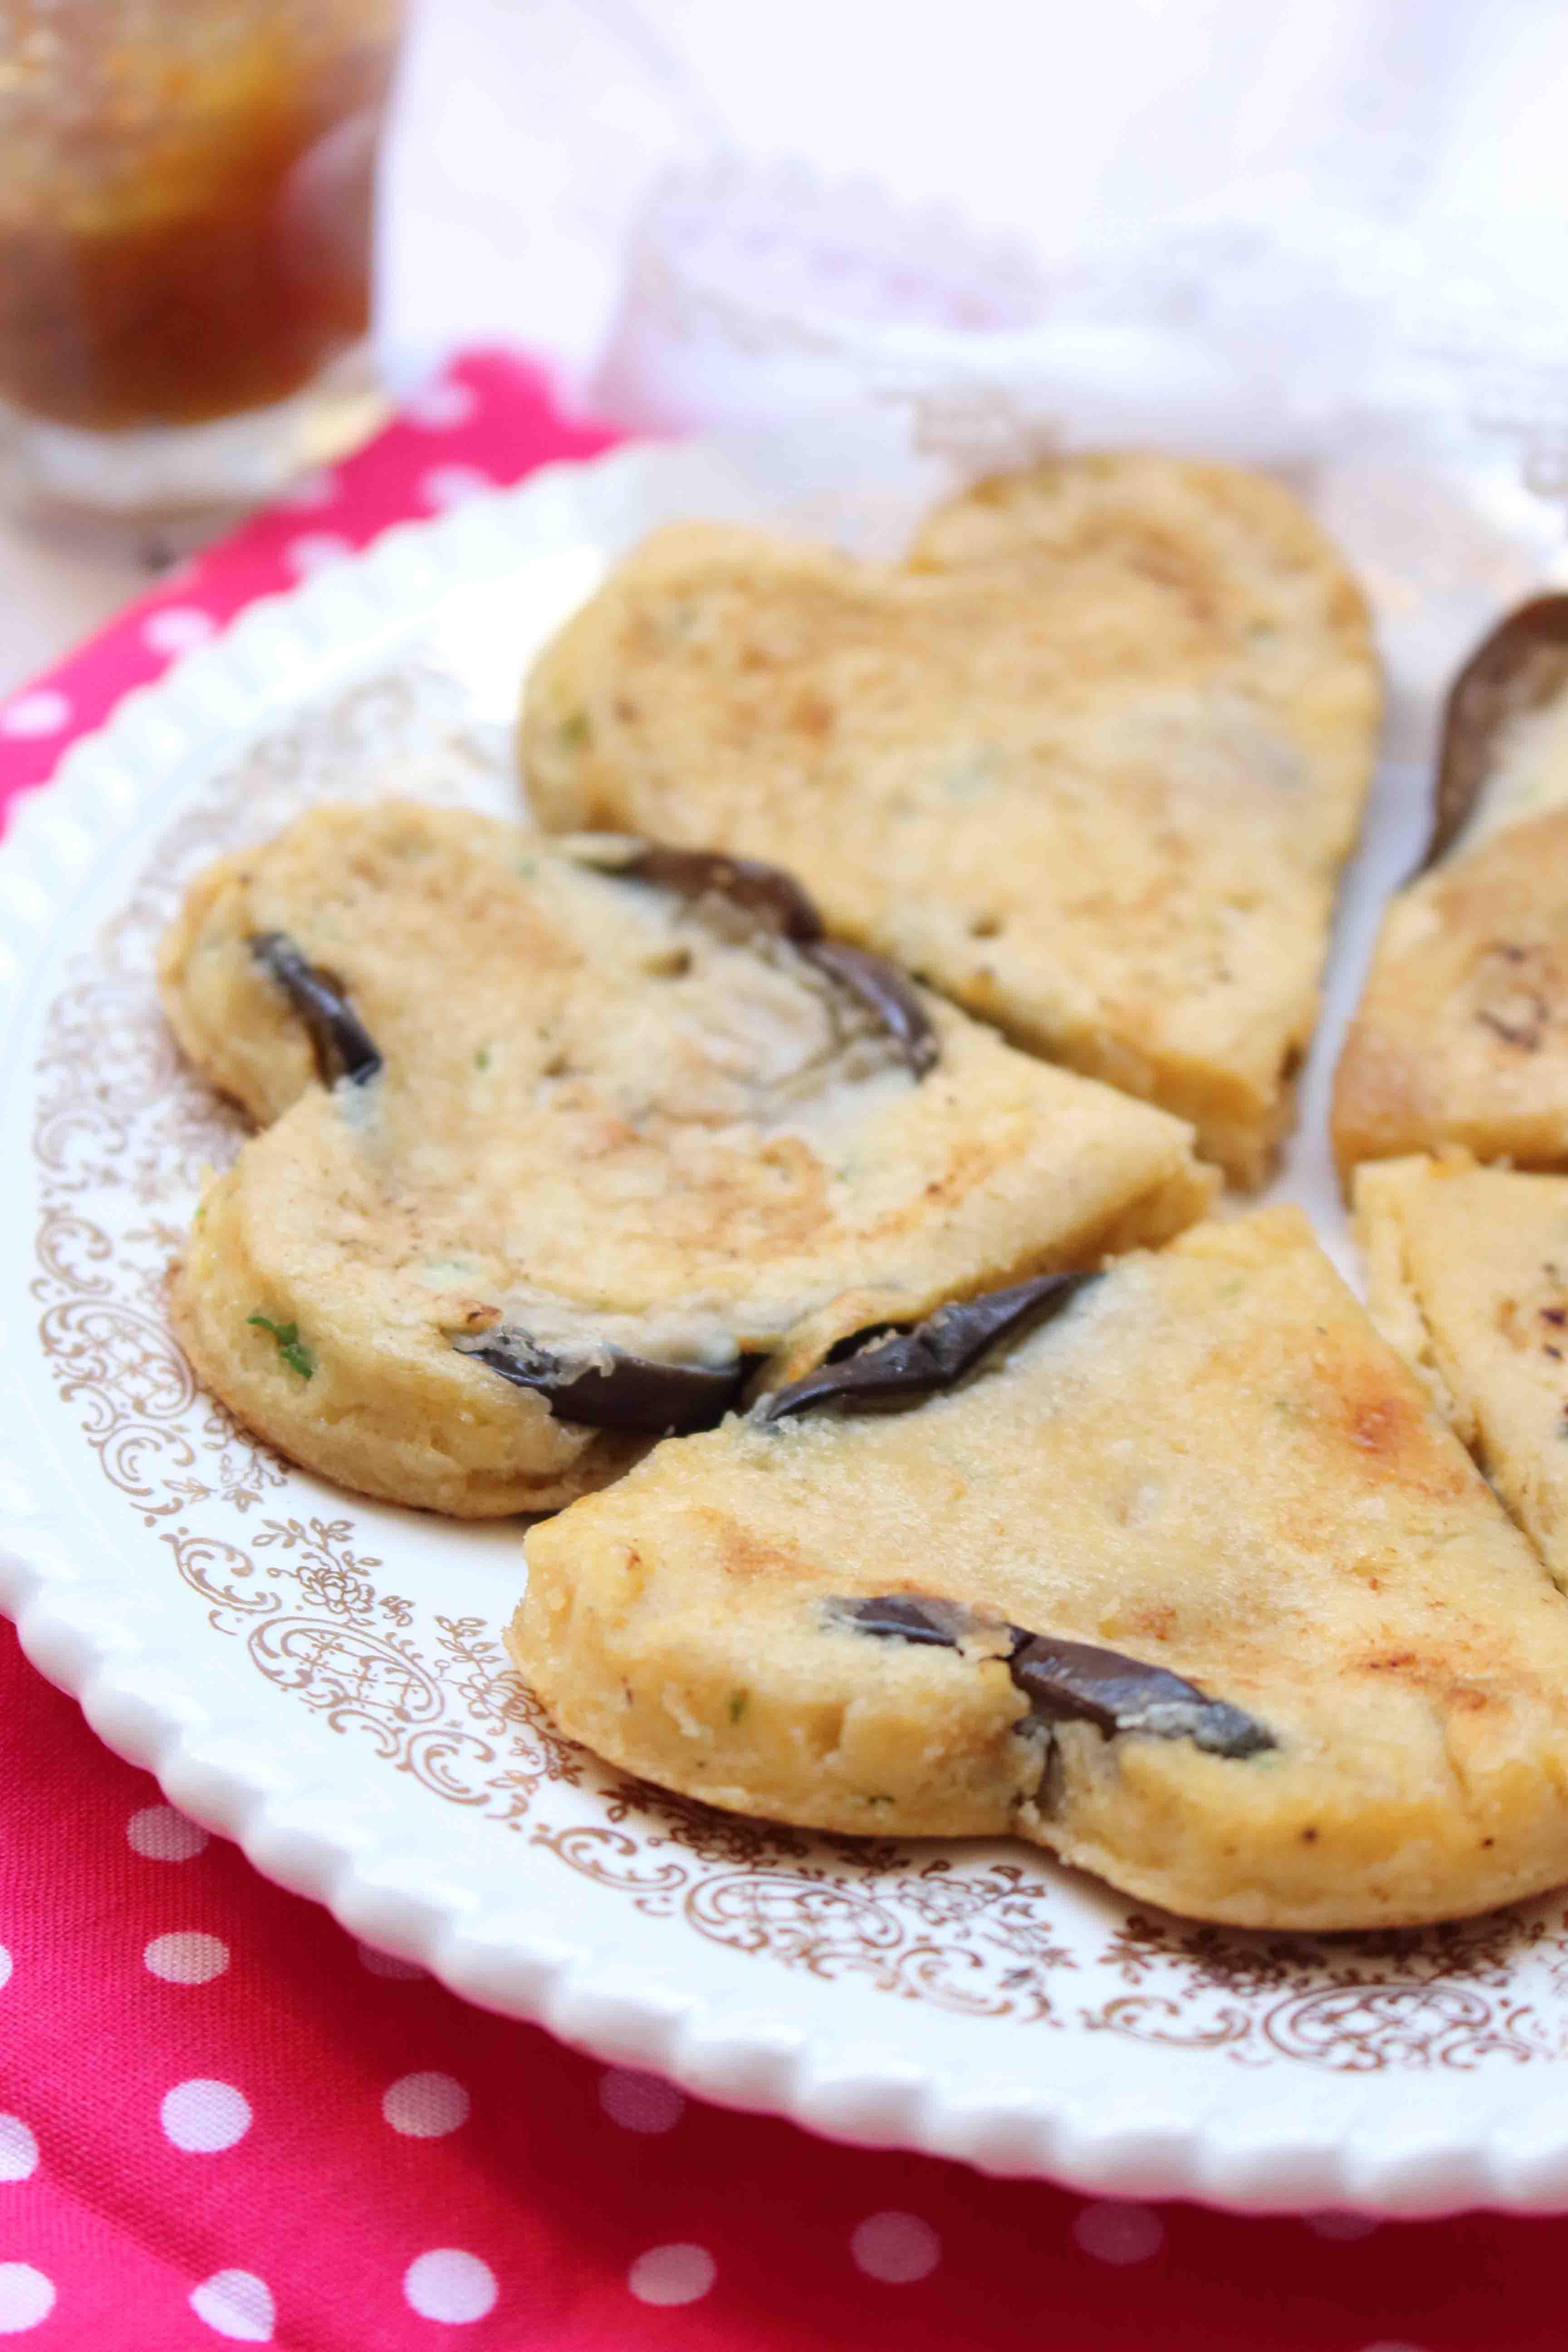 recette_brunch_panakes_aubergines3